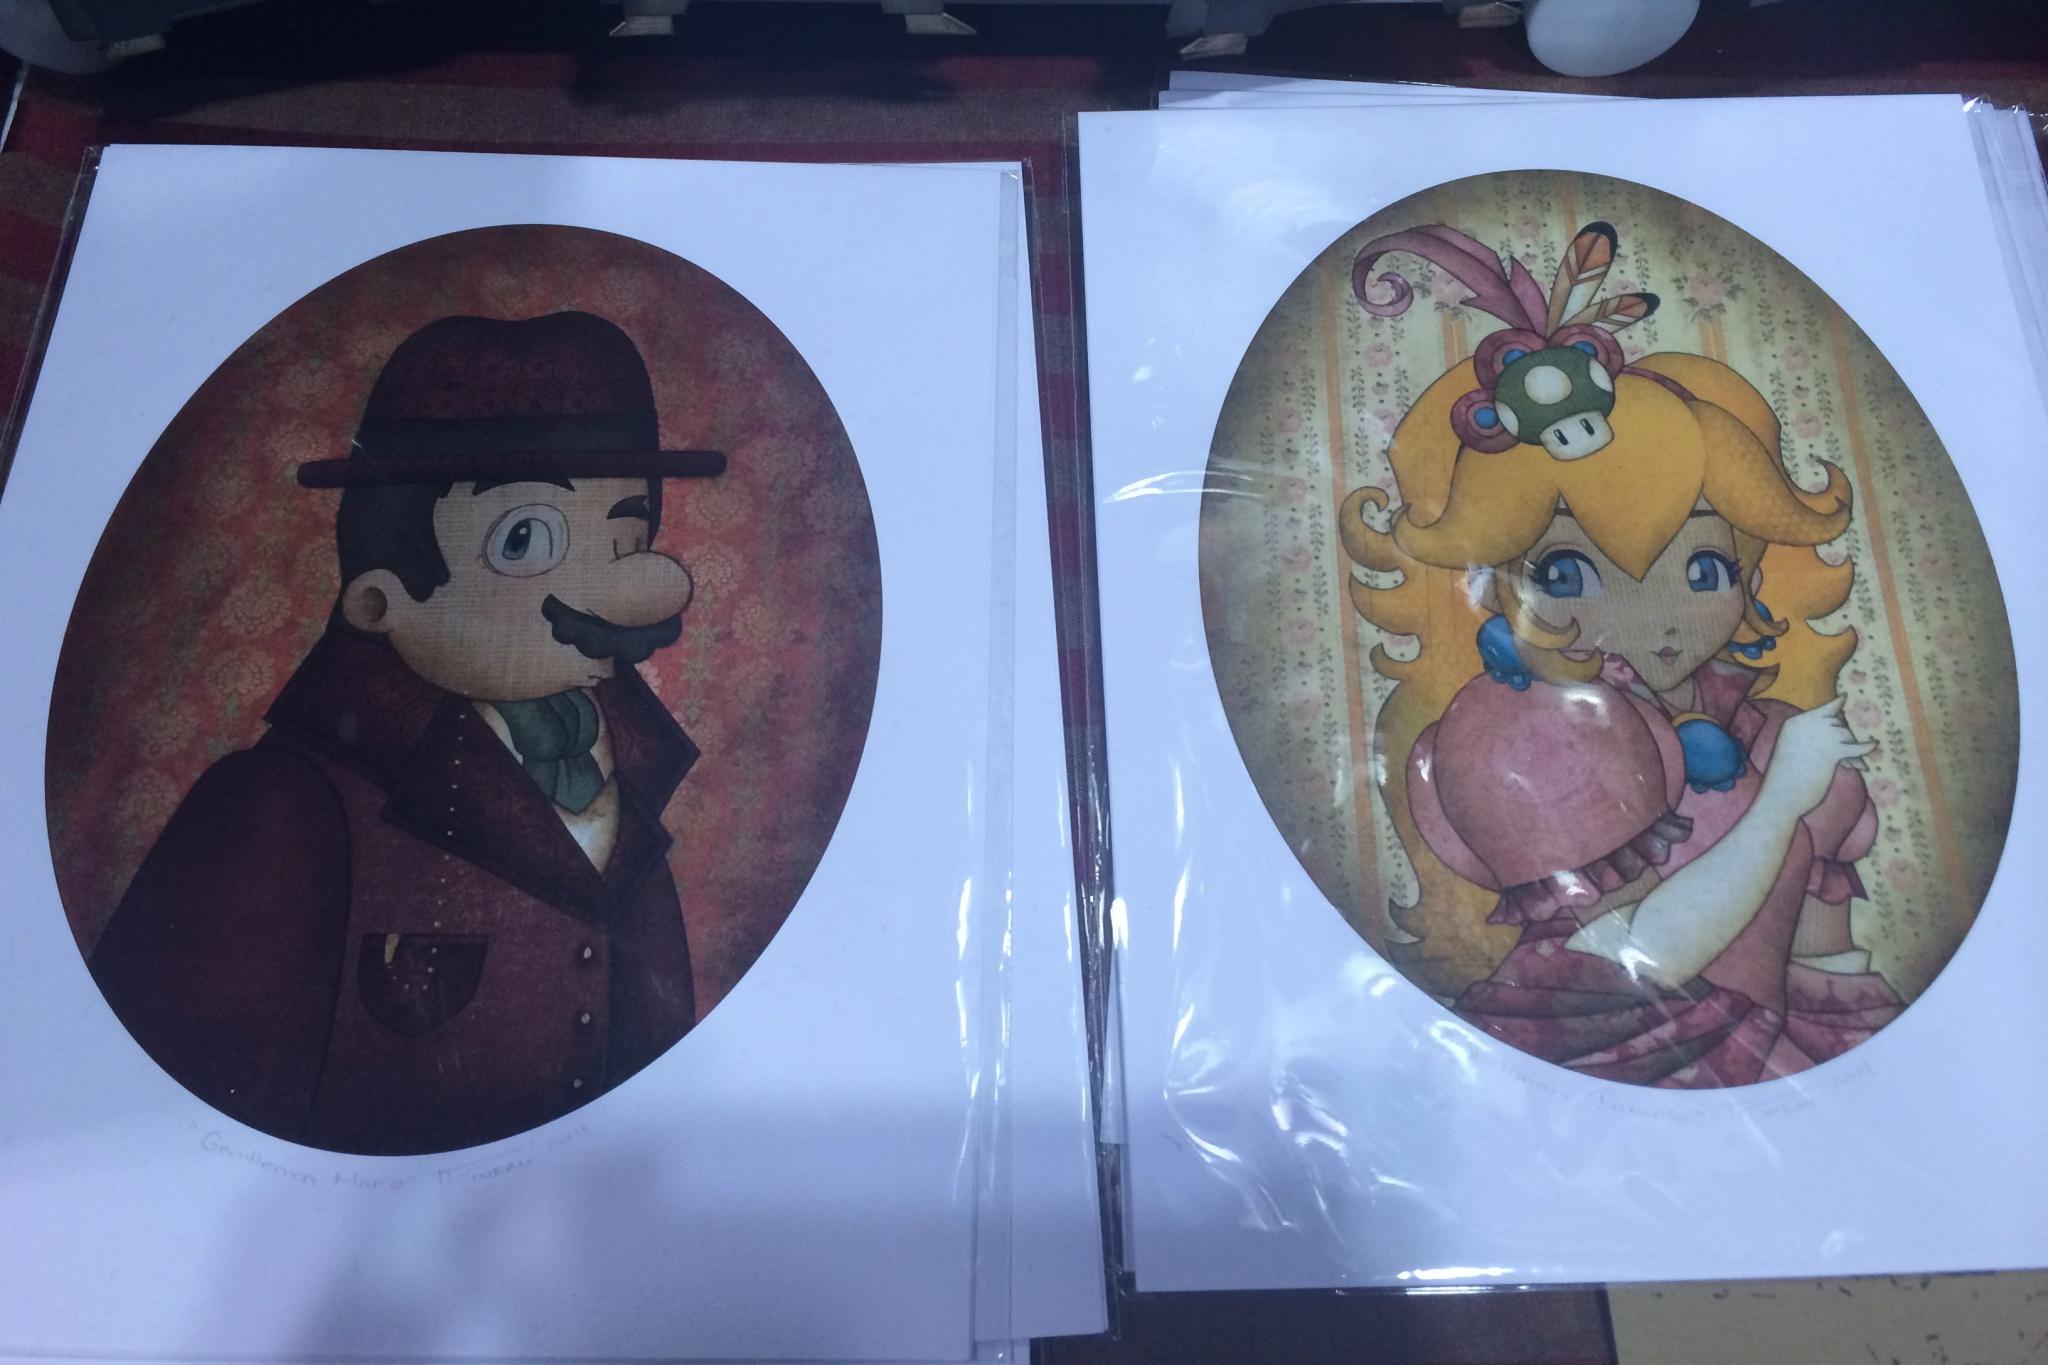 Victorian Mario & Peach are dapper